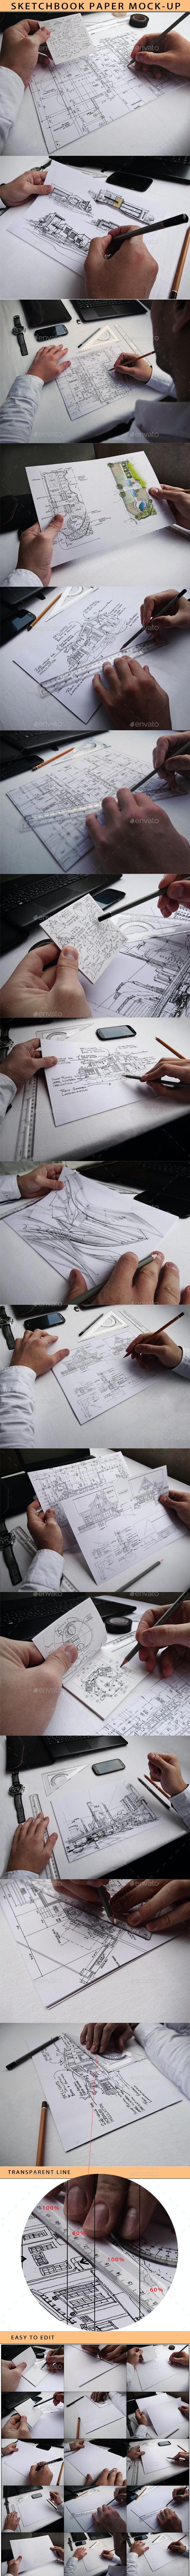 Sketchbook Paper Mock-Up  - Product Mock-Ups Graphics